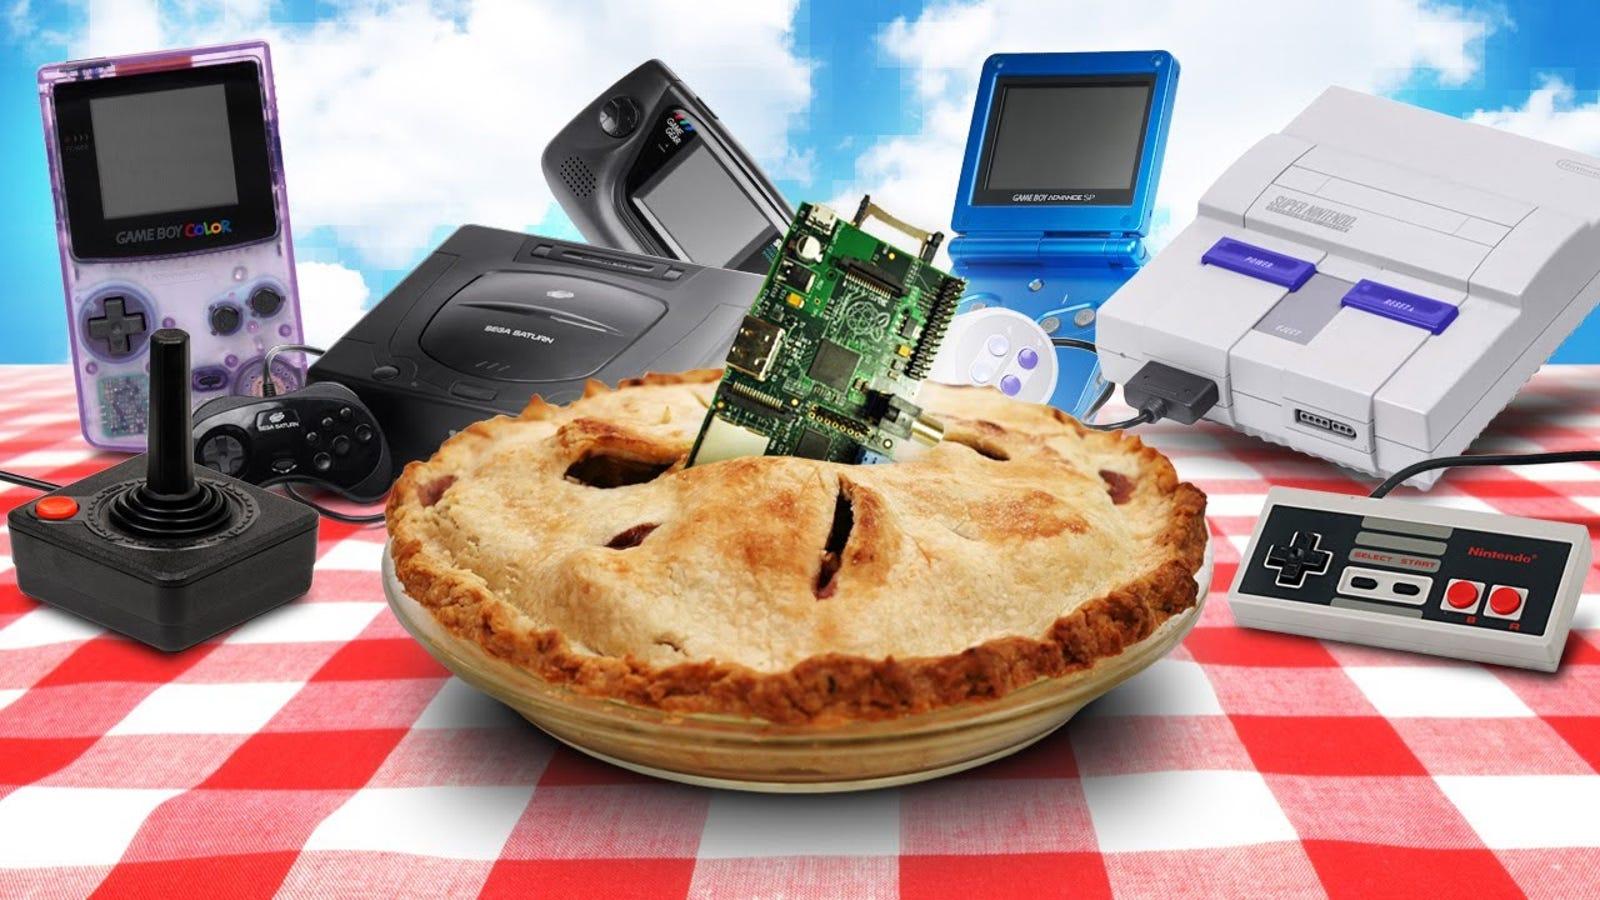 Cómo construir una consola de juegos retro con Raspberry Pi por solo 35 dólares